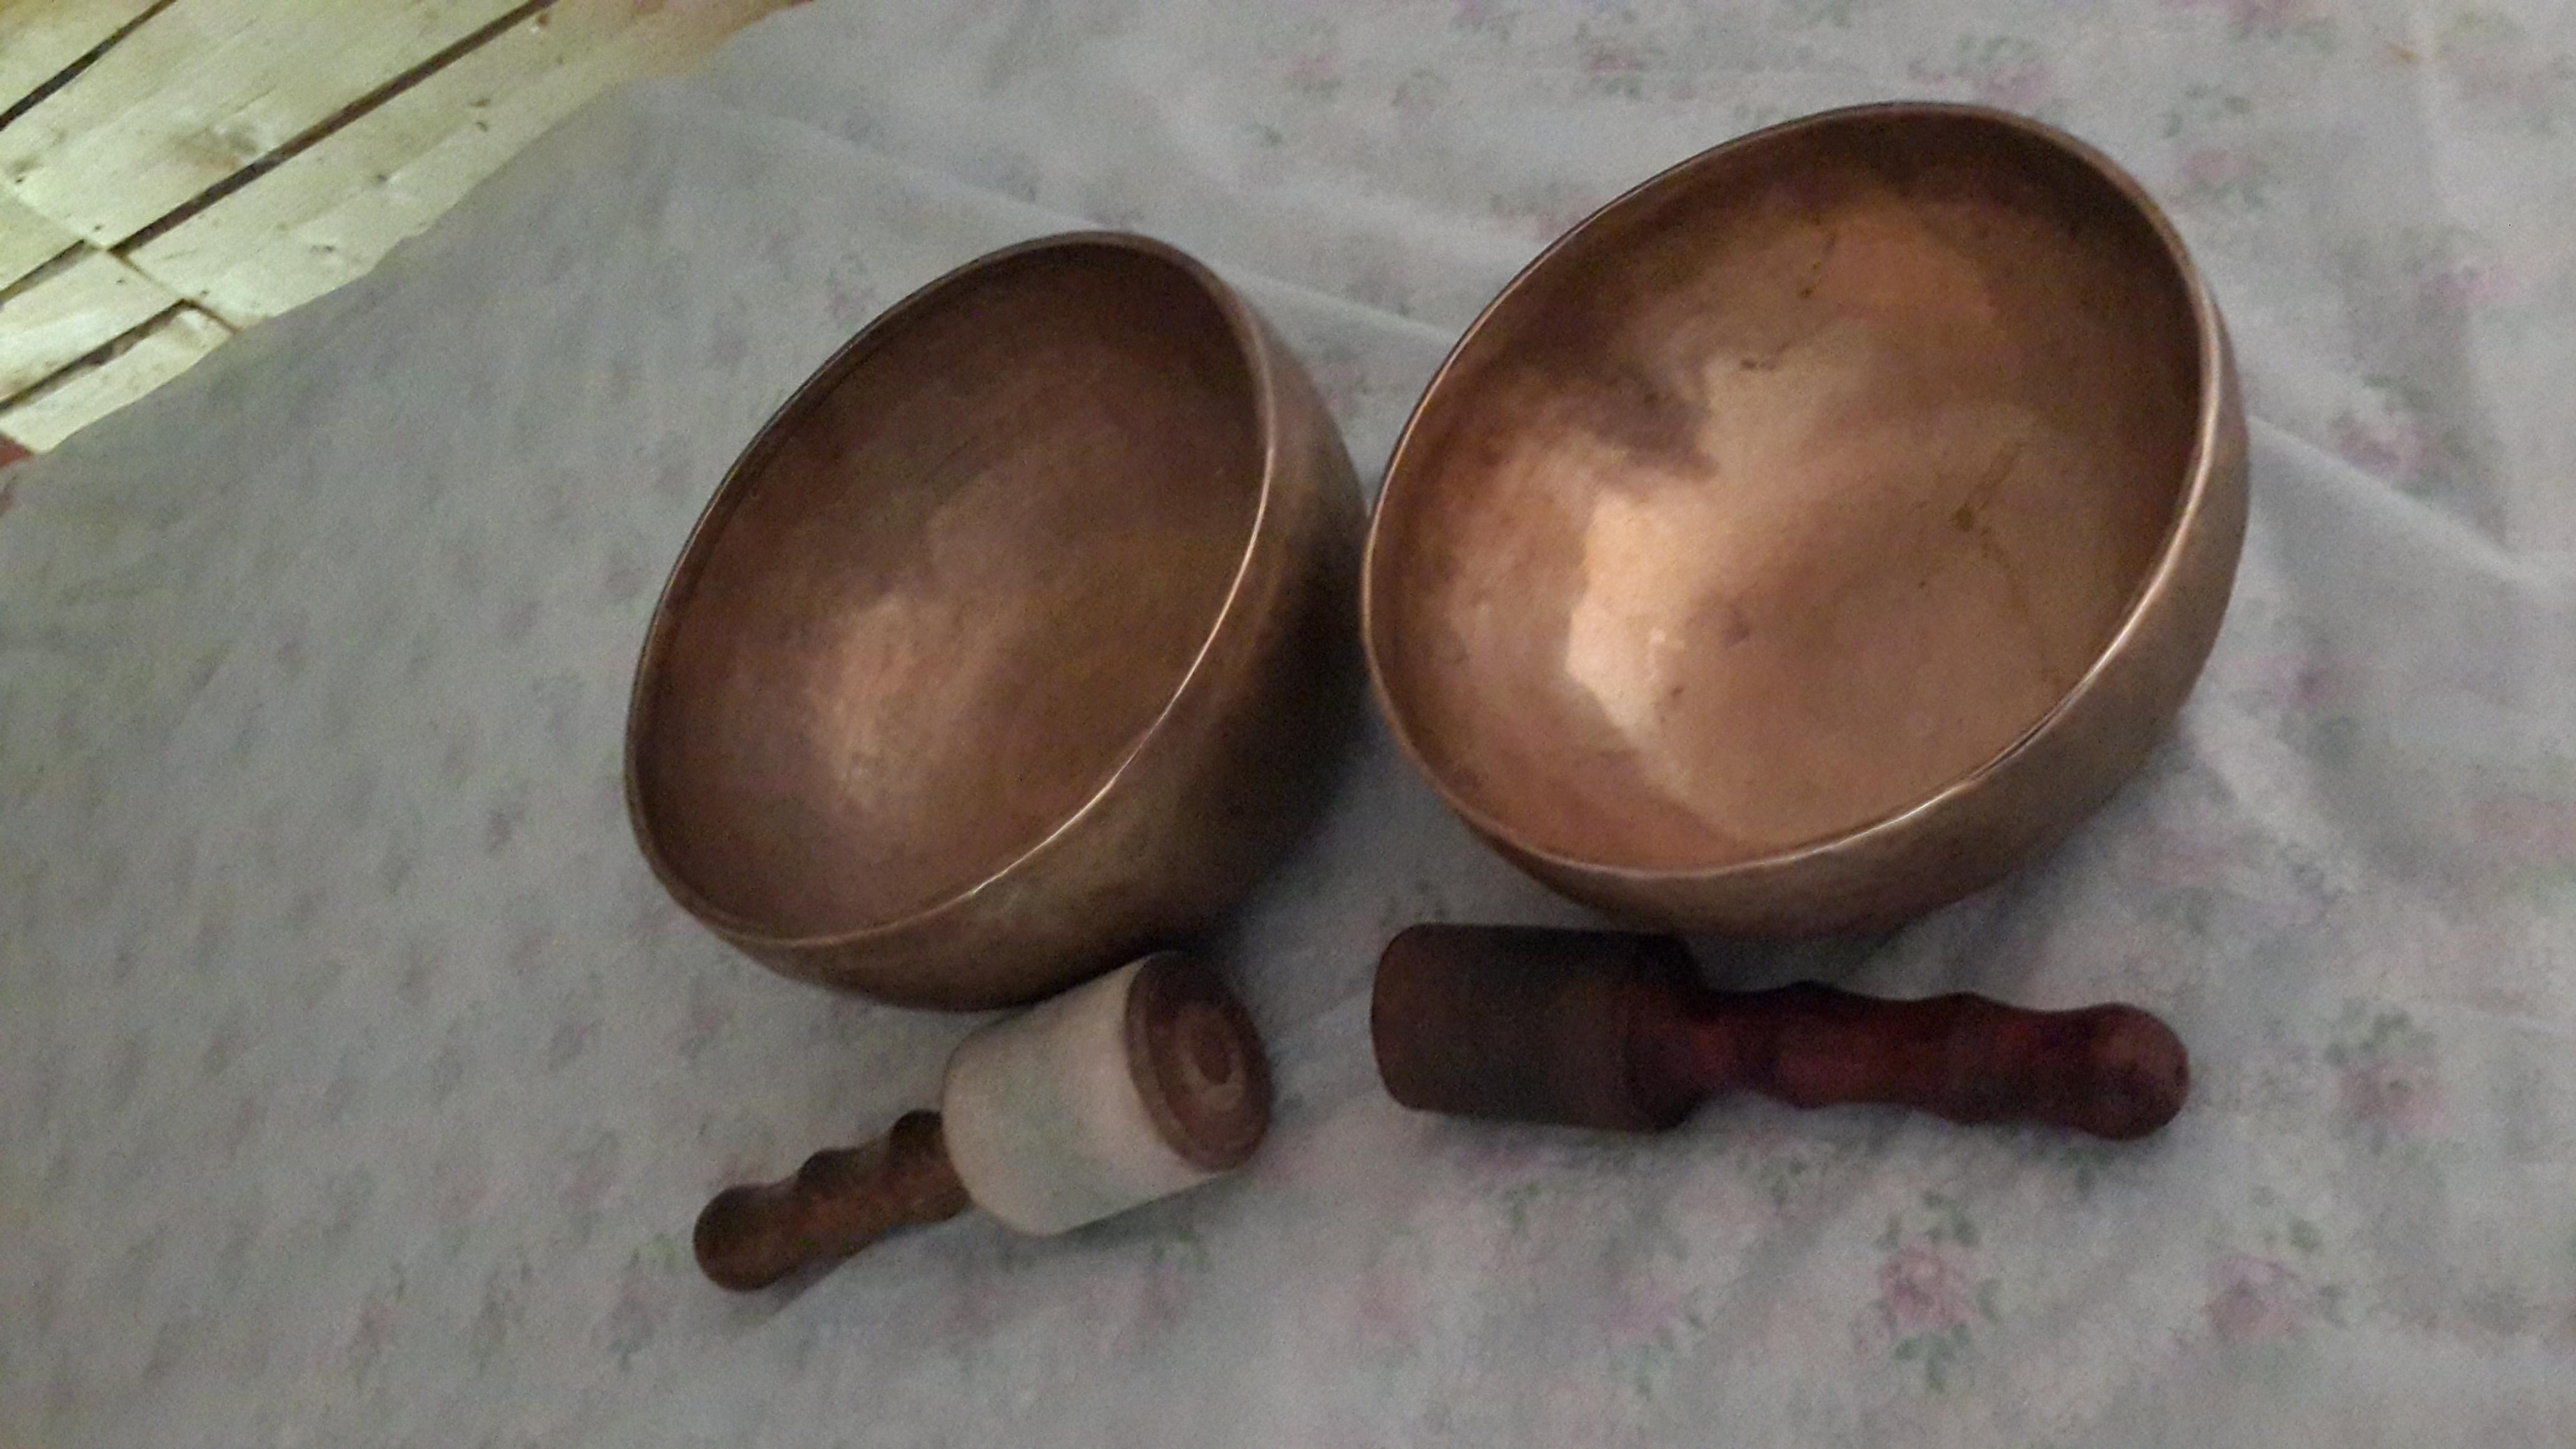 Тибетские поющие чаши на озере ДАНИЛОВО.  Личный опыт применения.